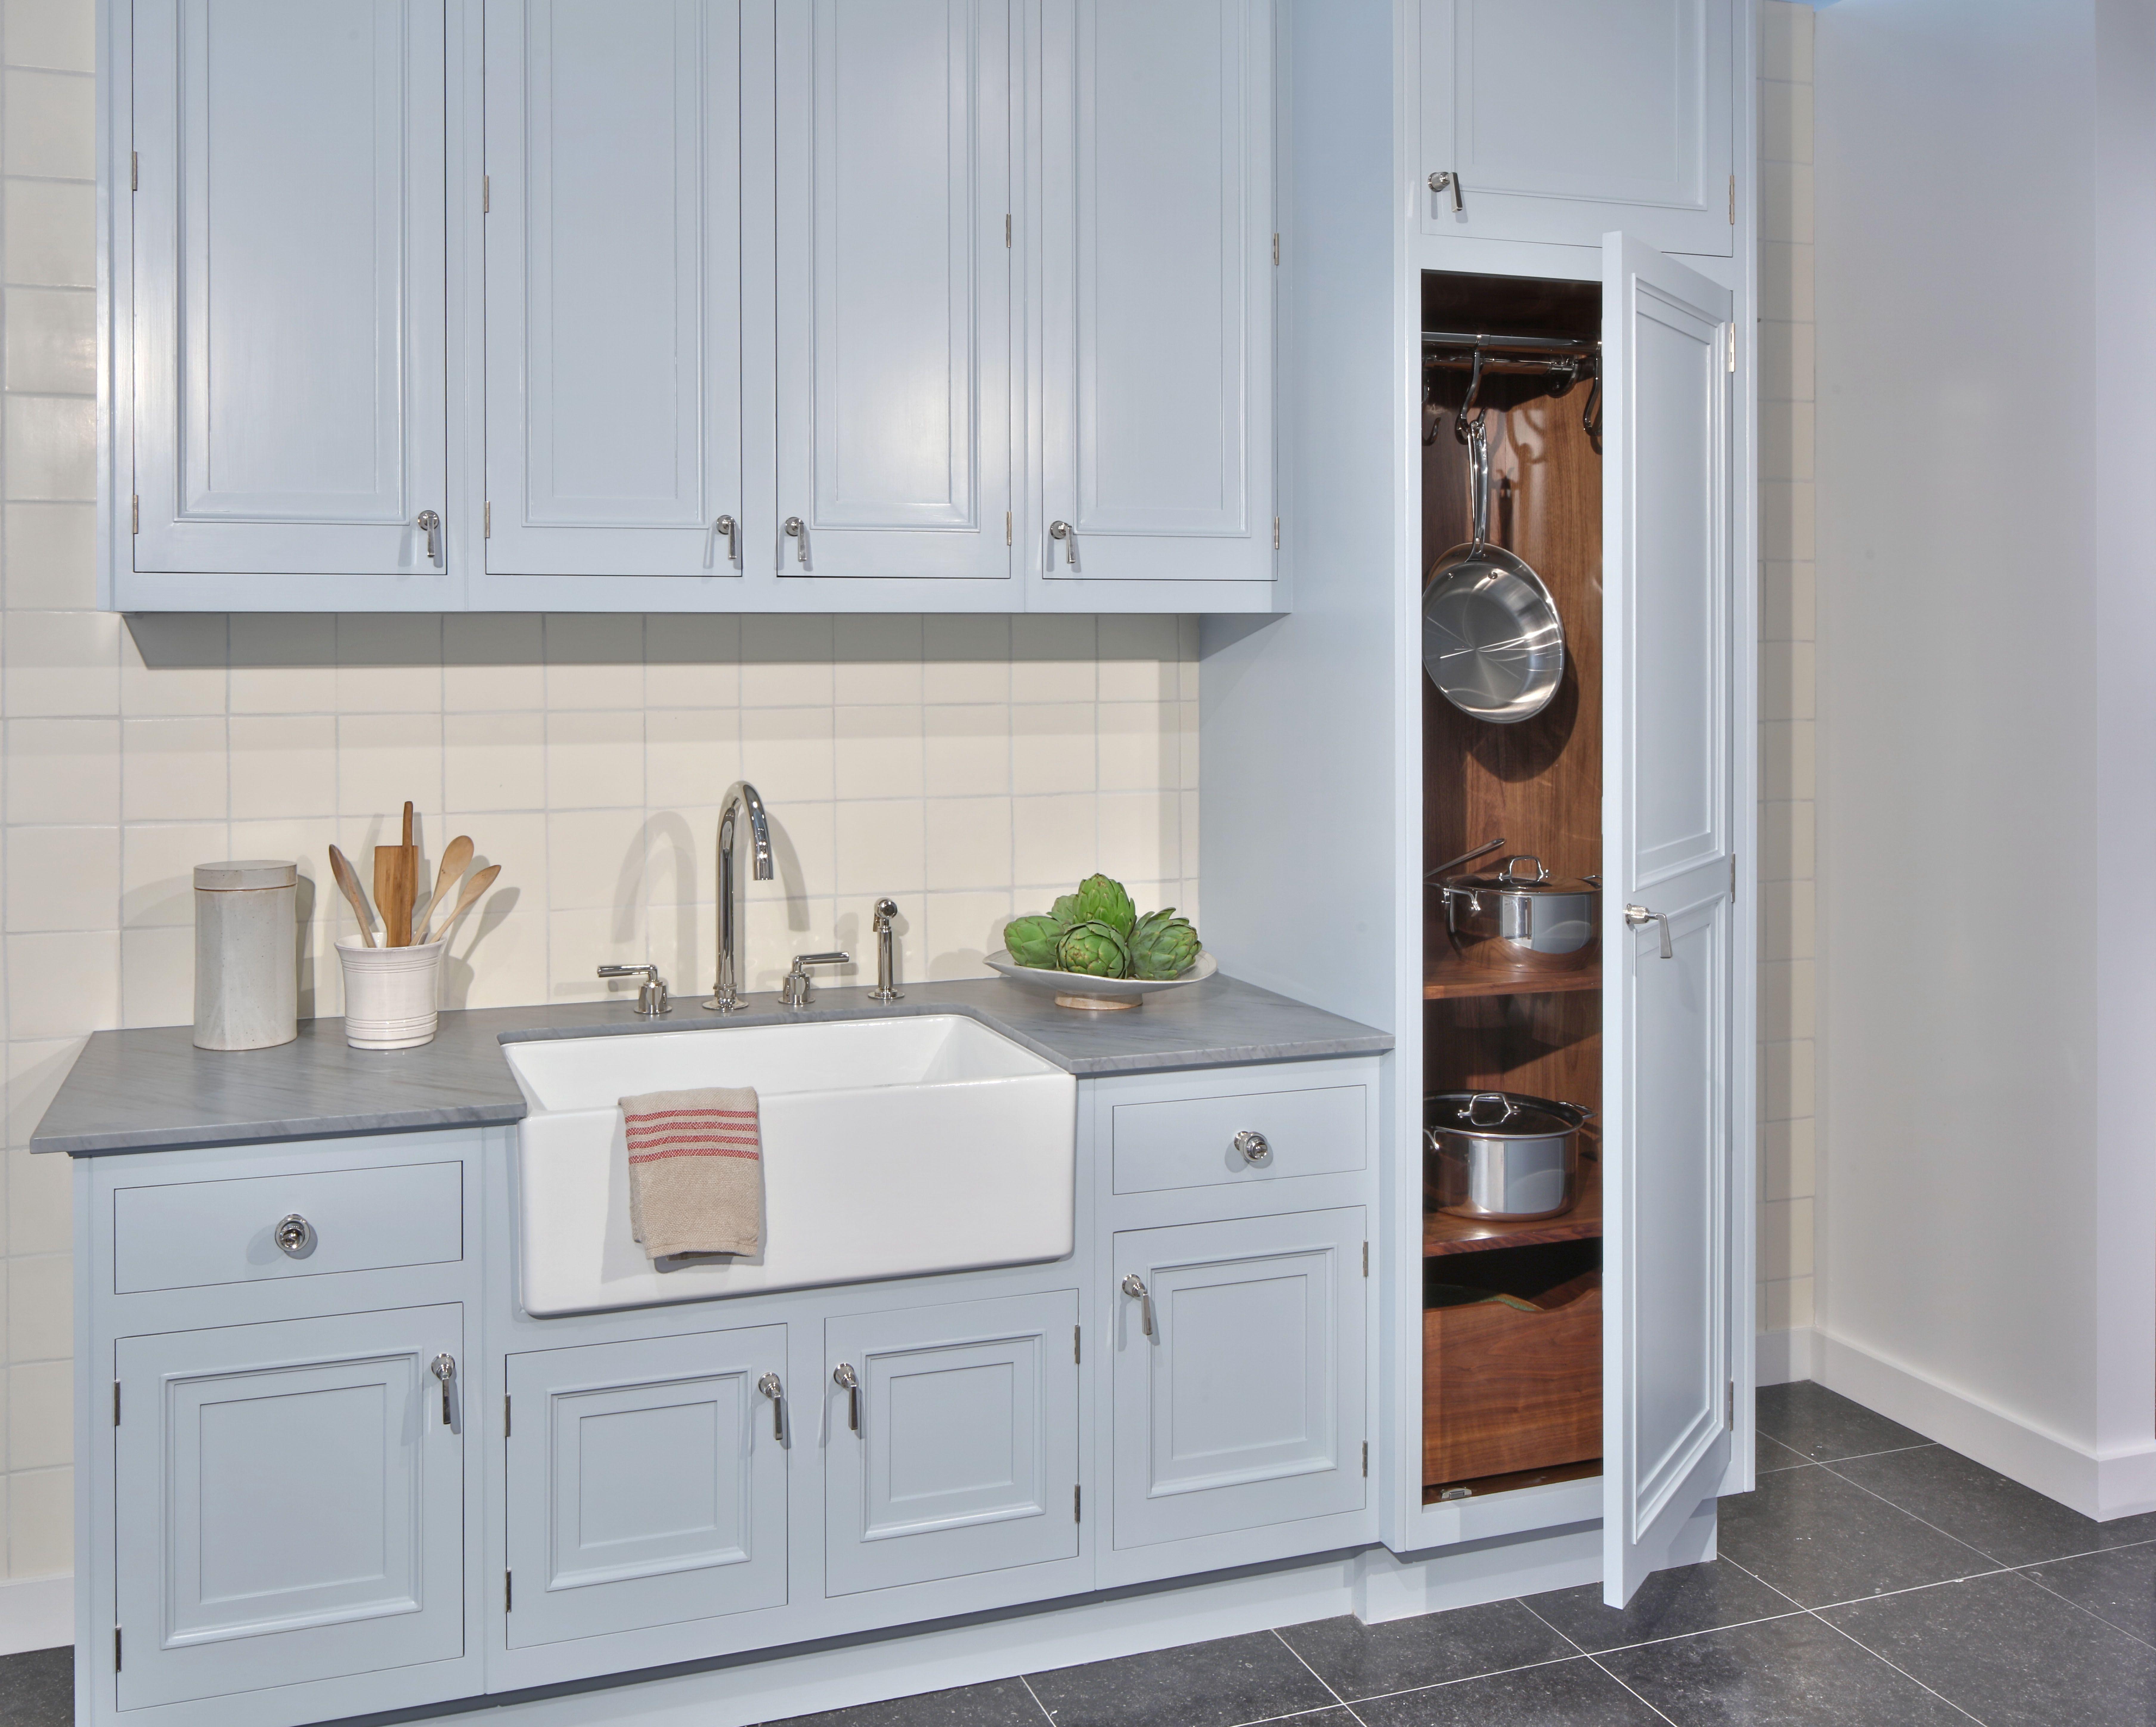 Best Belden Cabinetry Kitchen Refresh Waterworks Kitchen 400 x 300